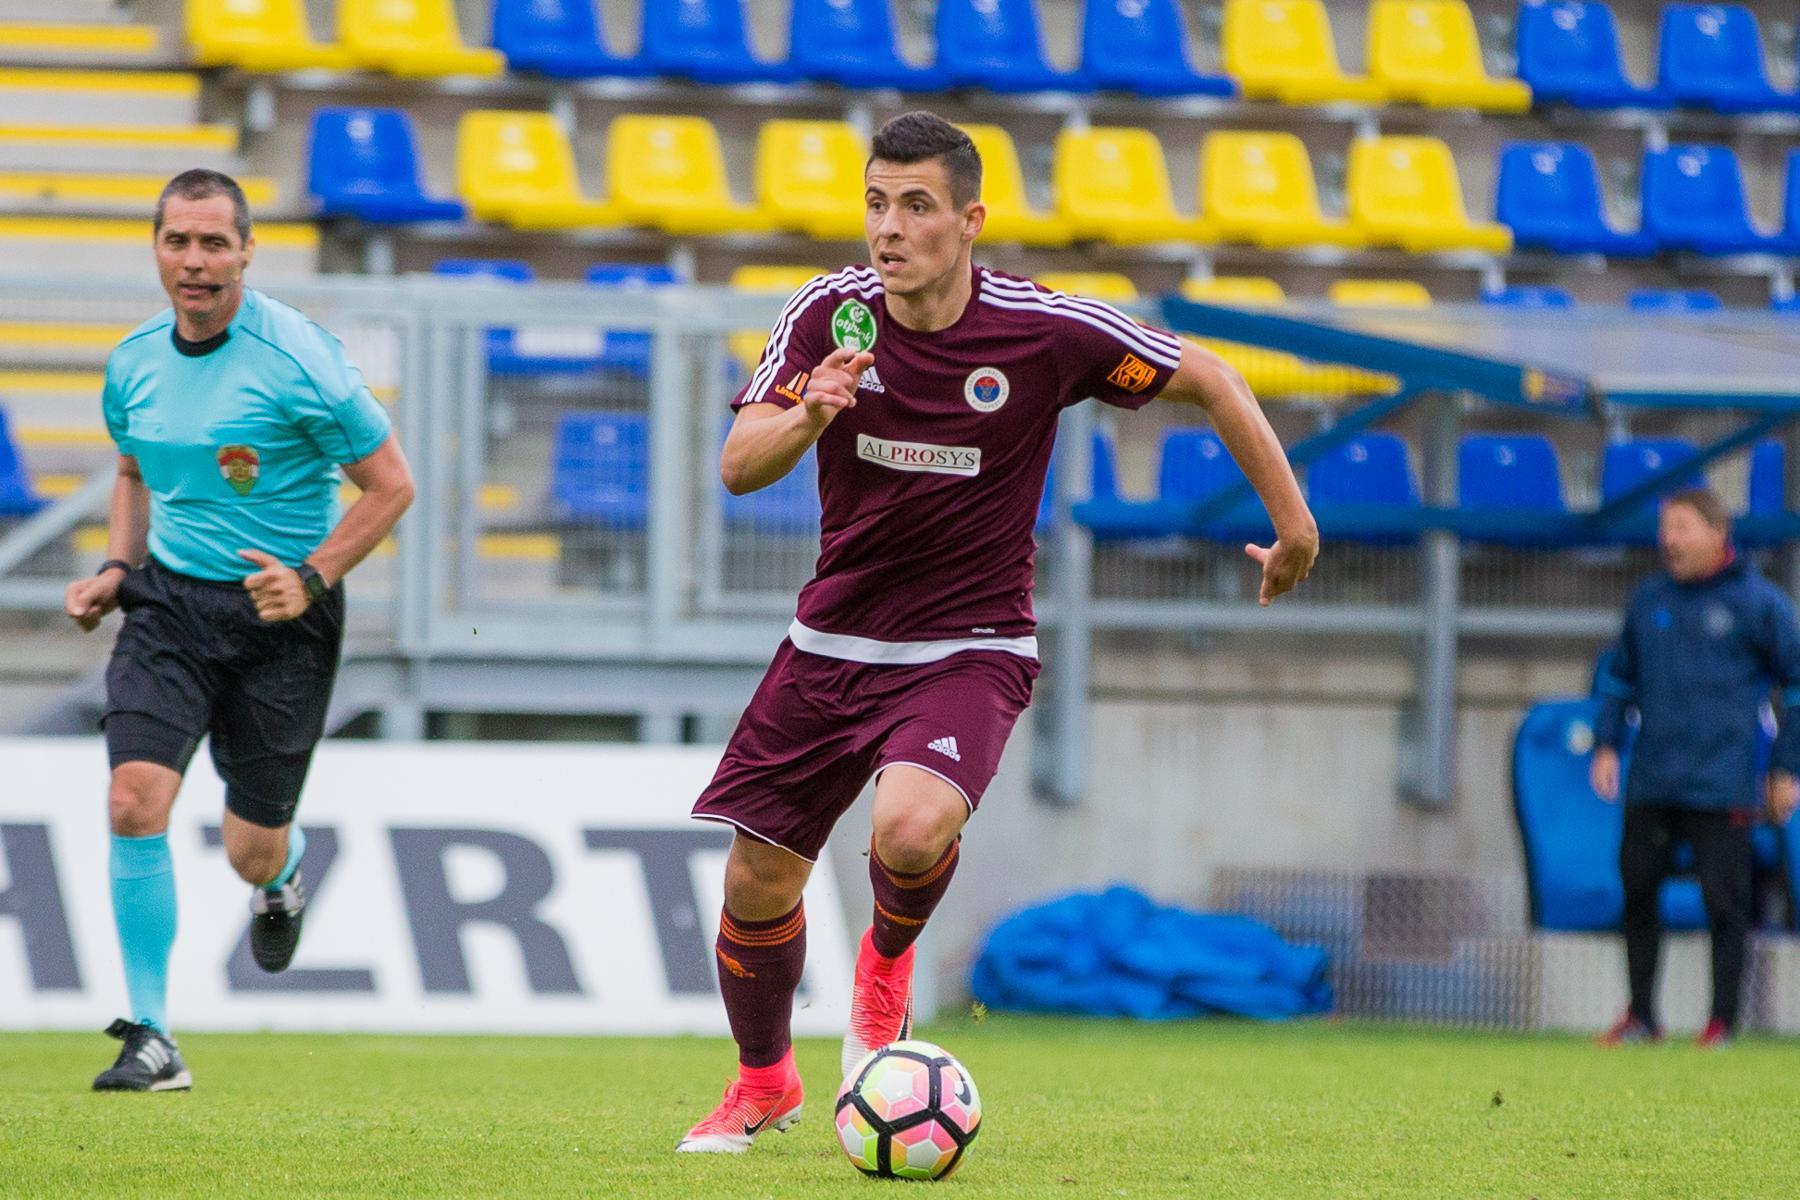 Berecz a forduló válogatottjában